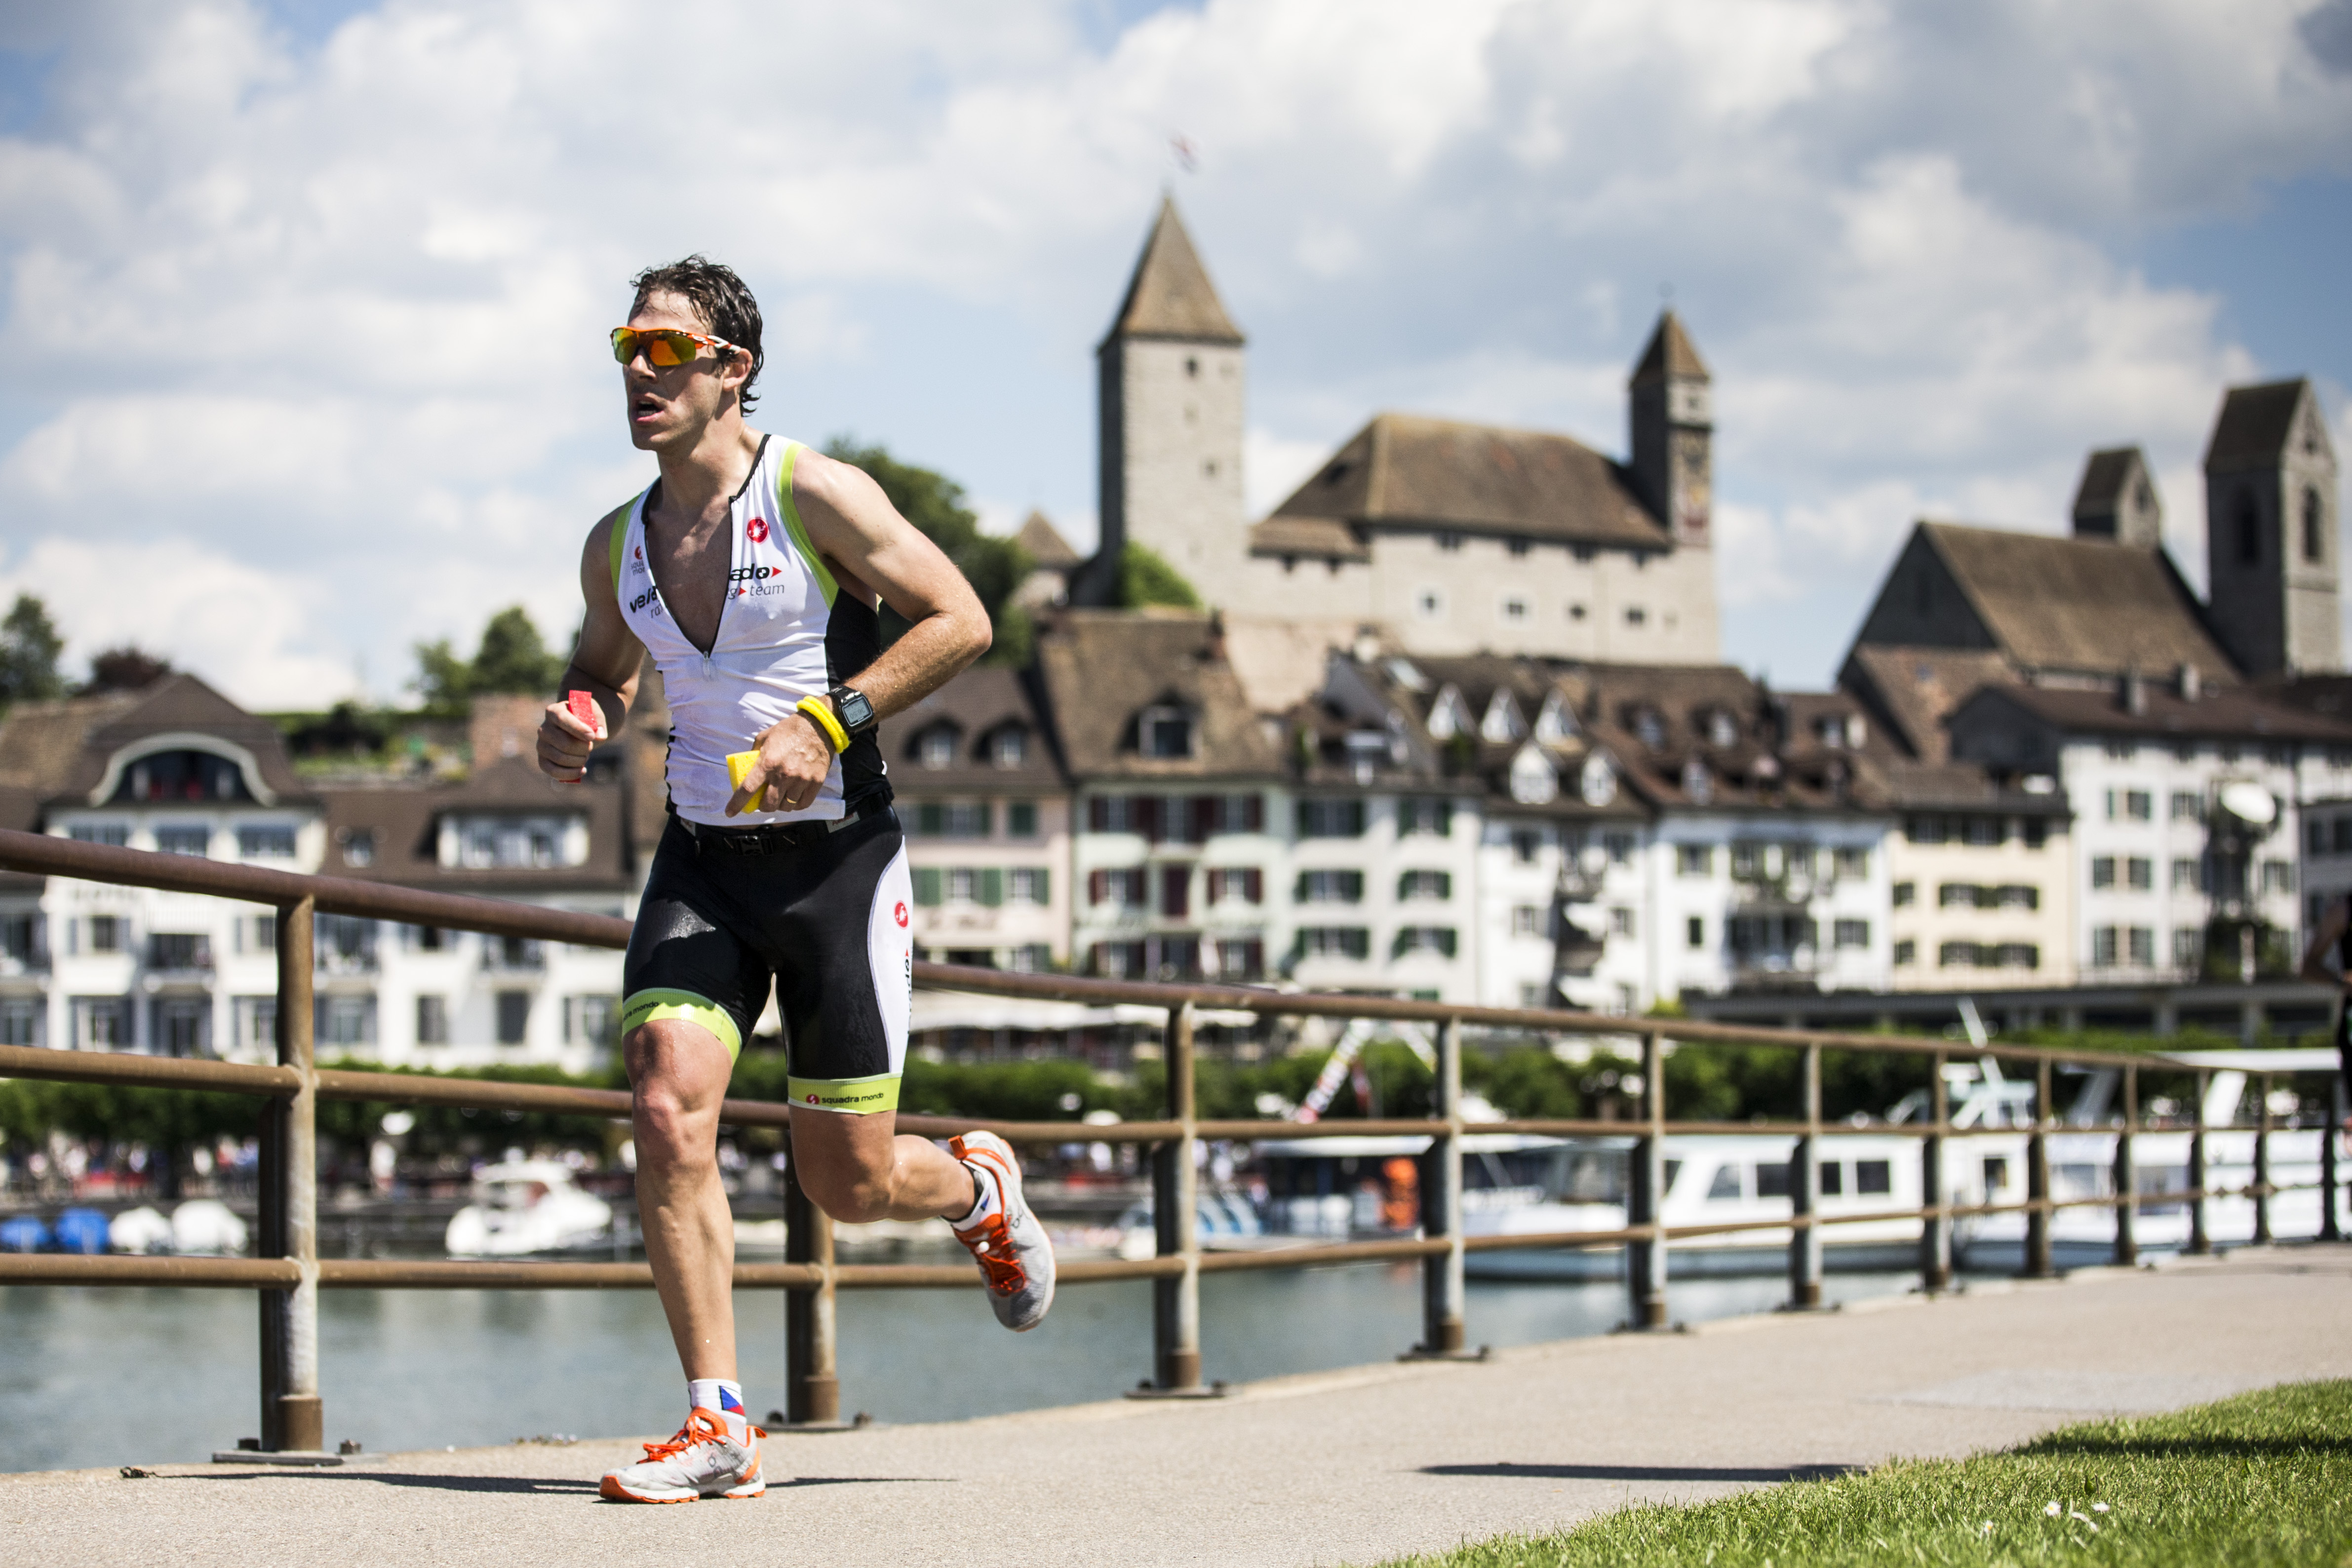 Die 10 häufigsten Trainingsfehler beim Triathlon